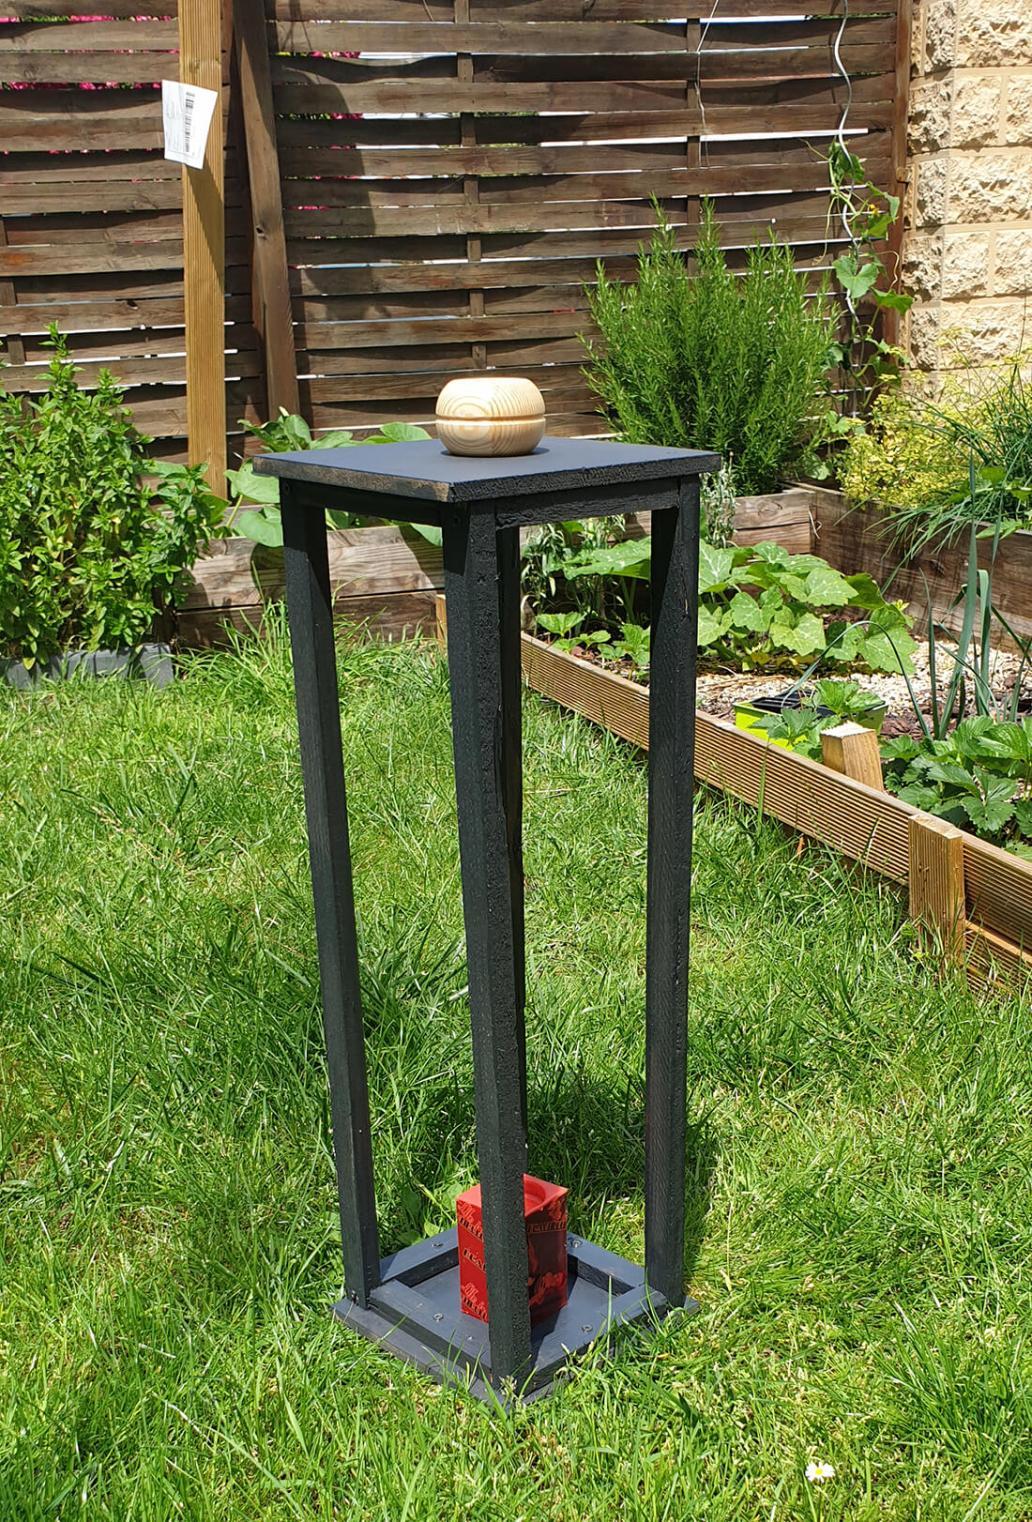 20190623 135955 - Fabriquer une lanterne pour le jardin